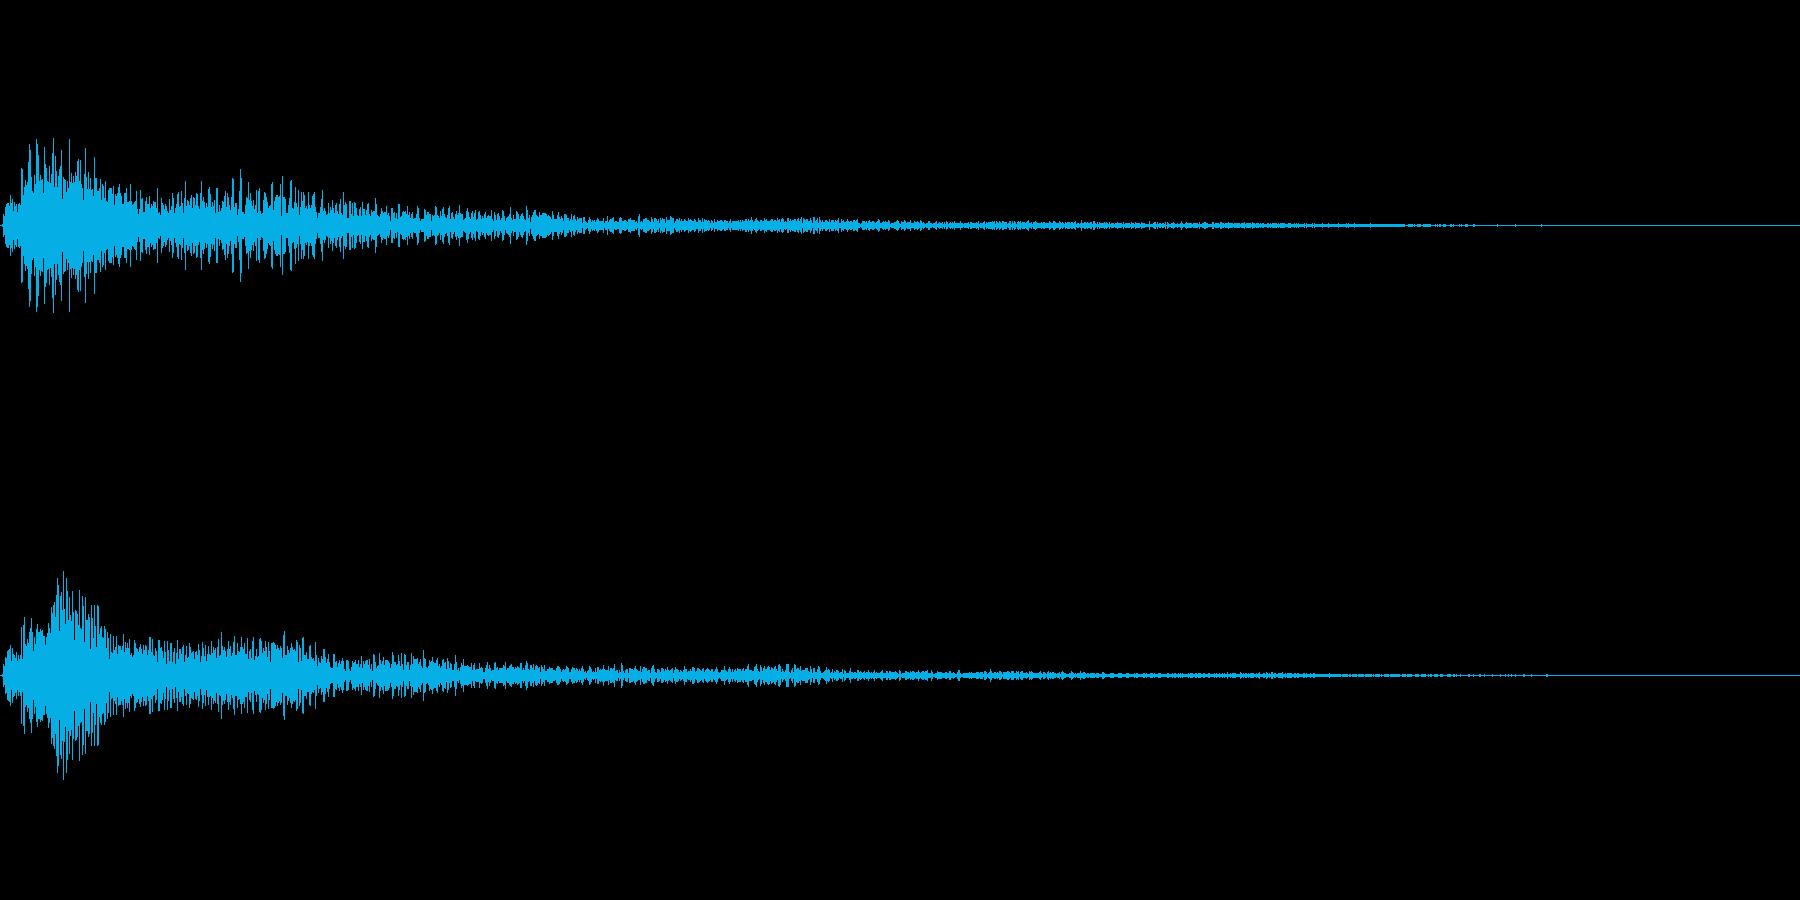 ファンタジー かわいい効果音 決定系11の再生済みの波形